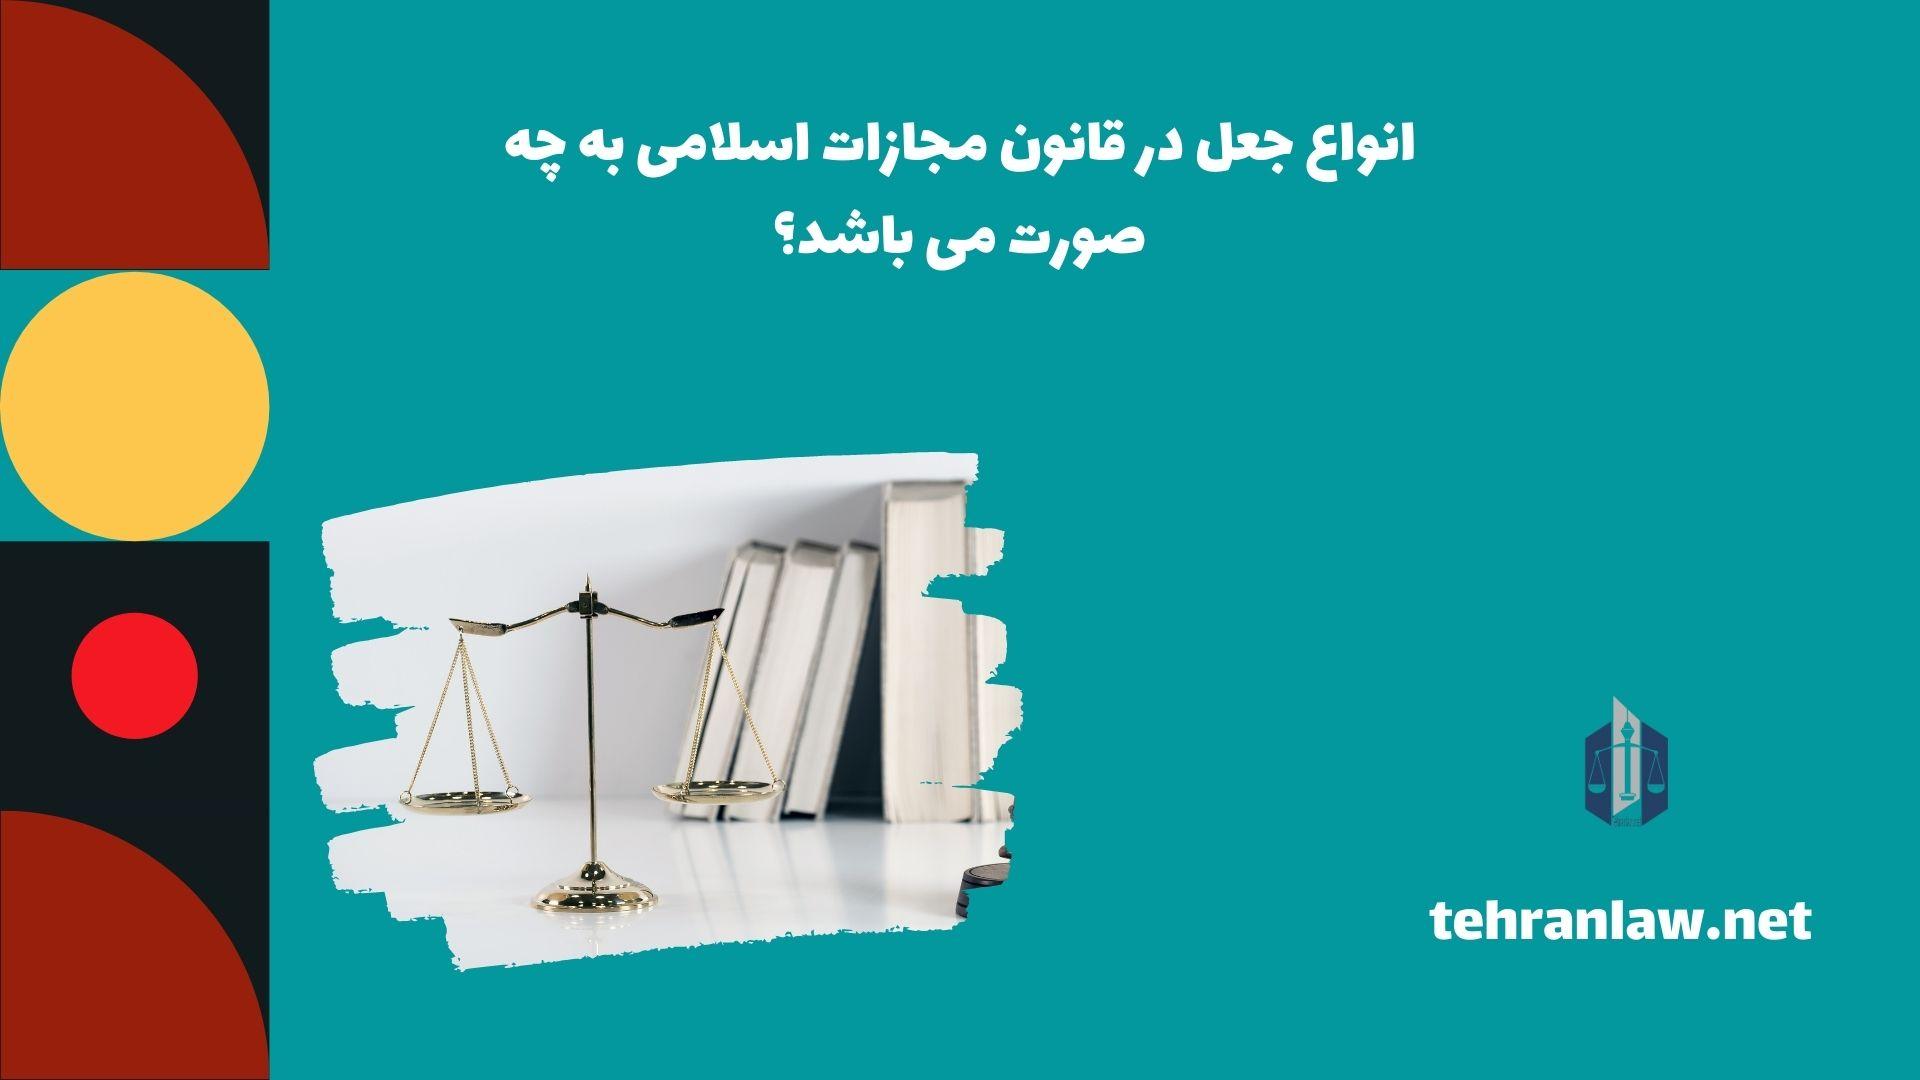 انواع جعل در قانون مجازات اسلامی به چه صورت می باشد؟